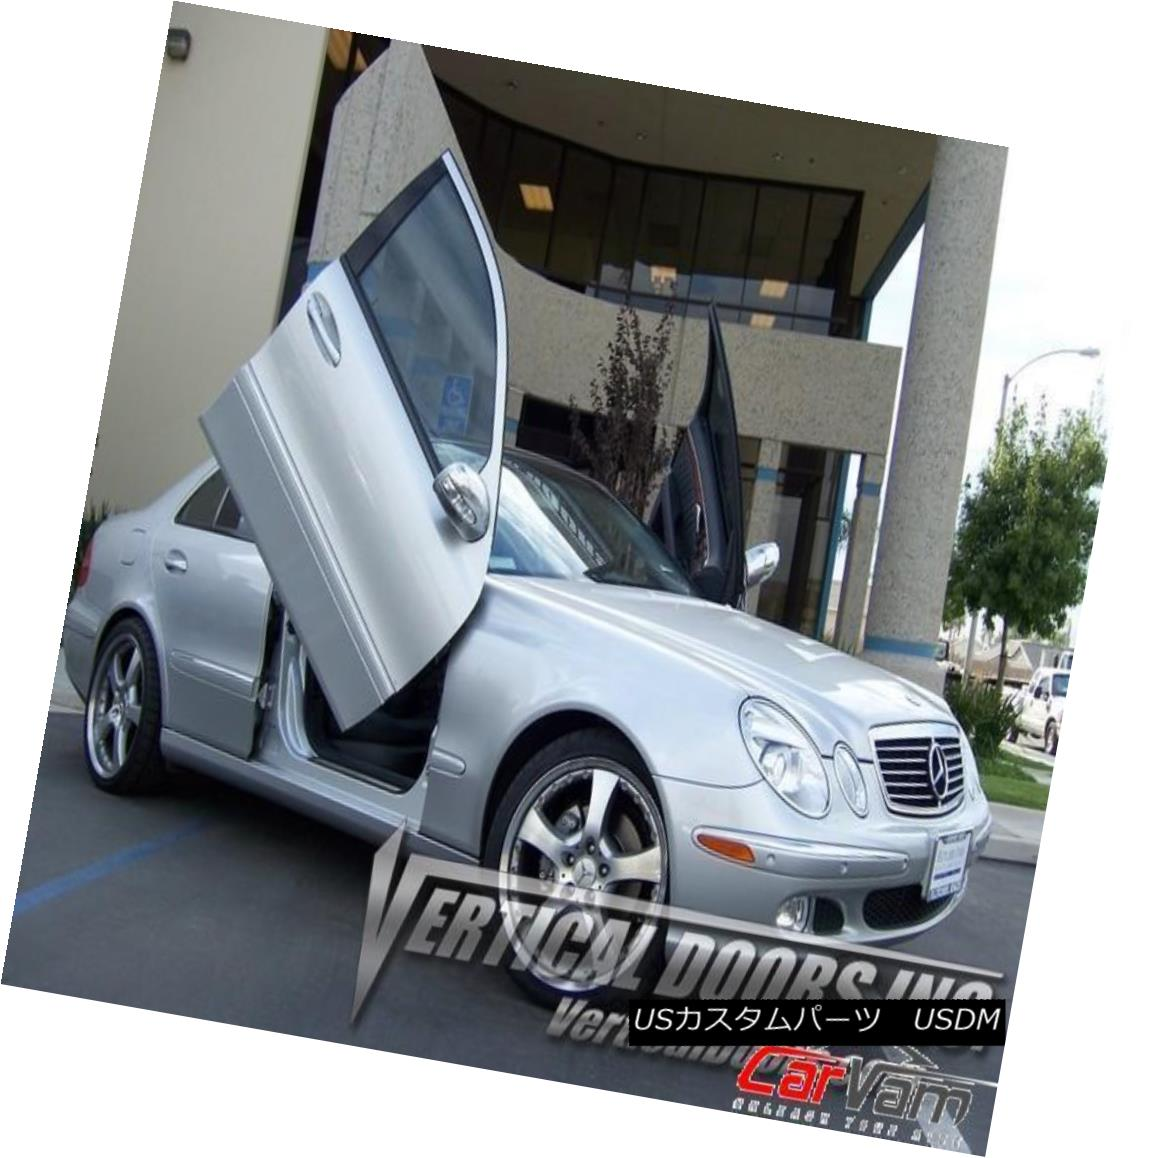 ガルウィングキット Vertical Doors - Vertical Lambo Door Kit For Mercedes E-Class 2003-09 垂直ドア - メルセデスEクラス2003-09のための垂直ランボルフトドアキット